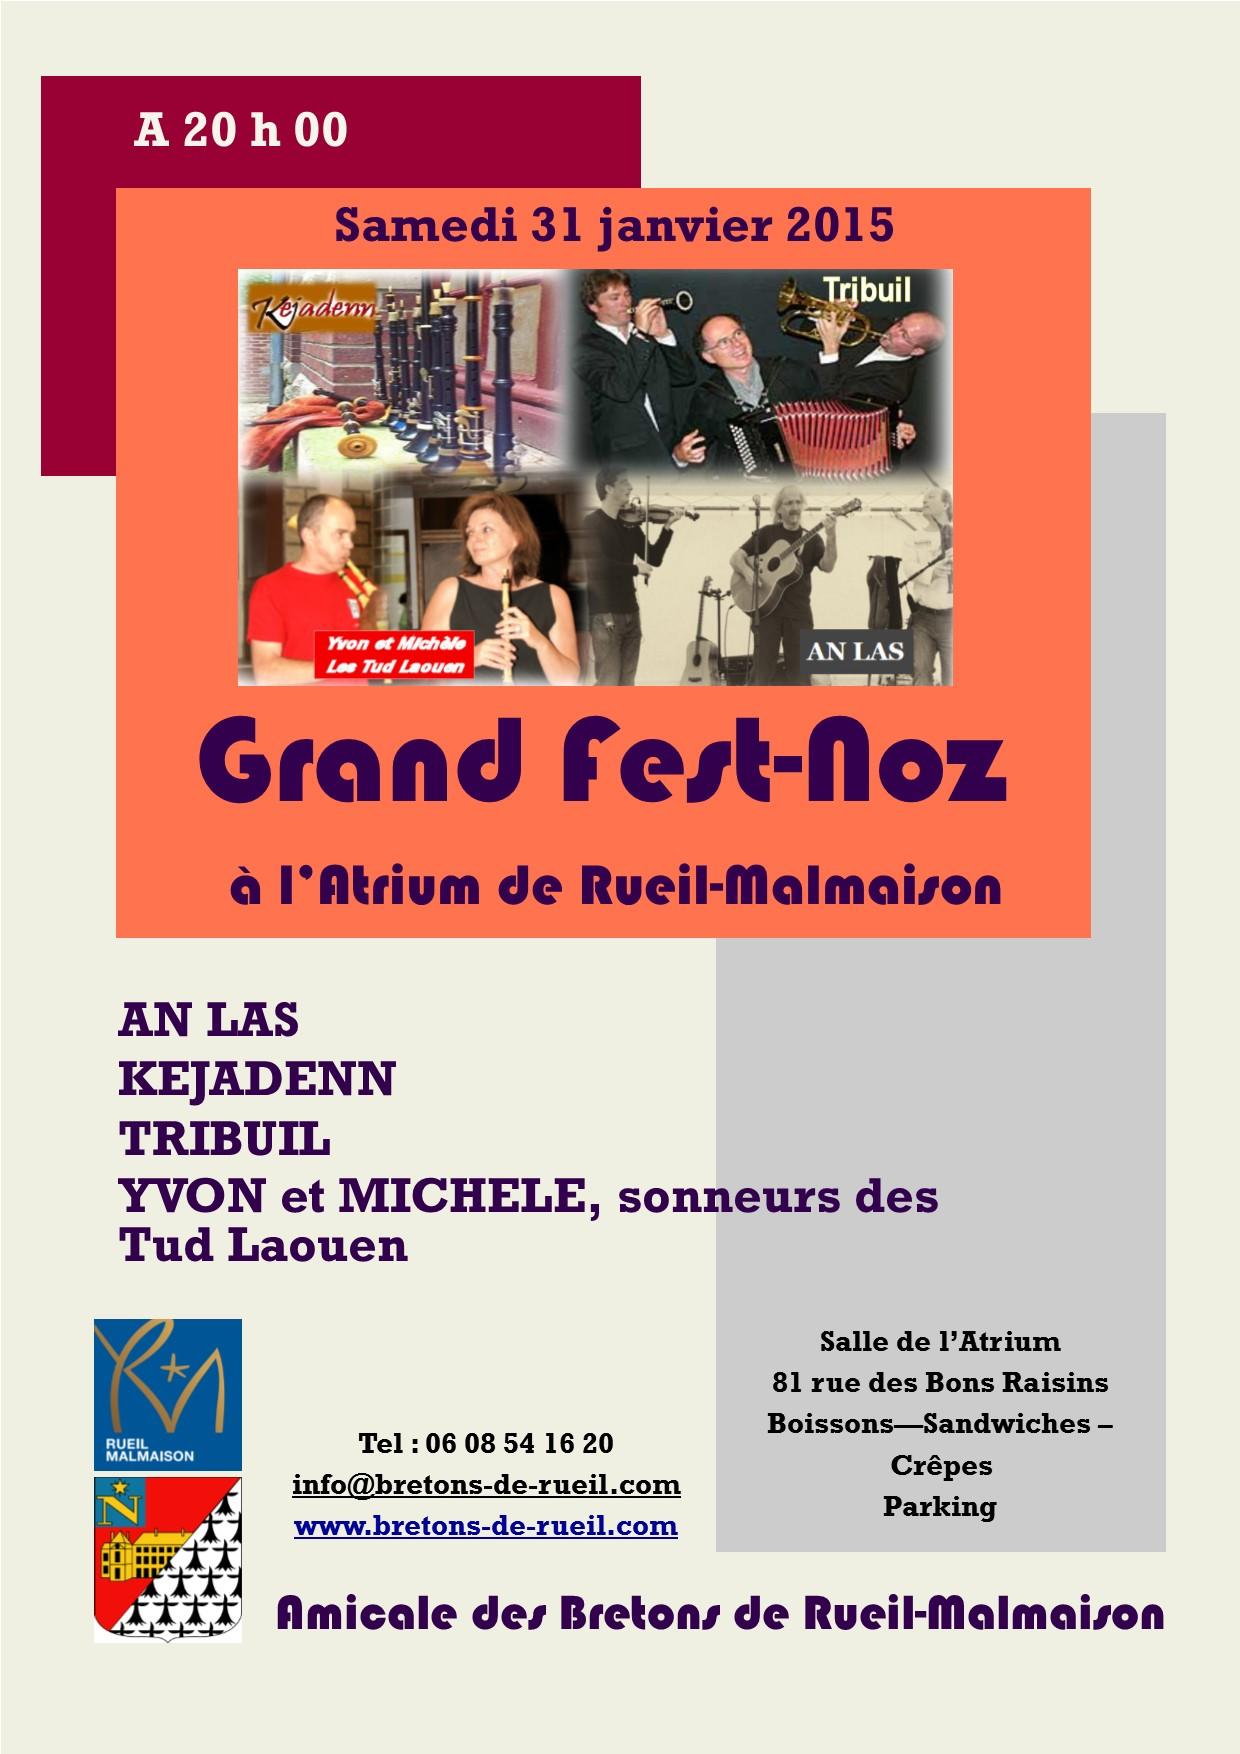 Affiche Fest-noz  à Rueil-Malmaison